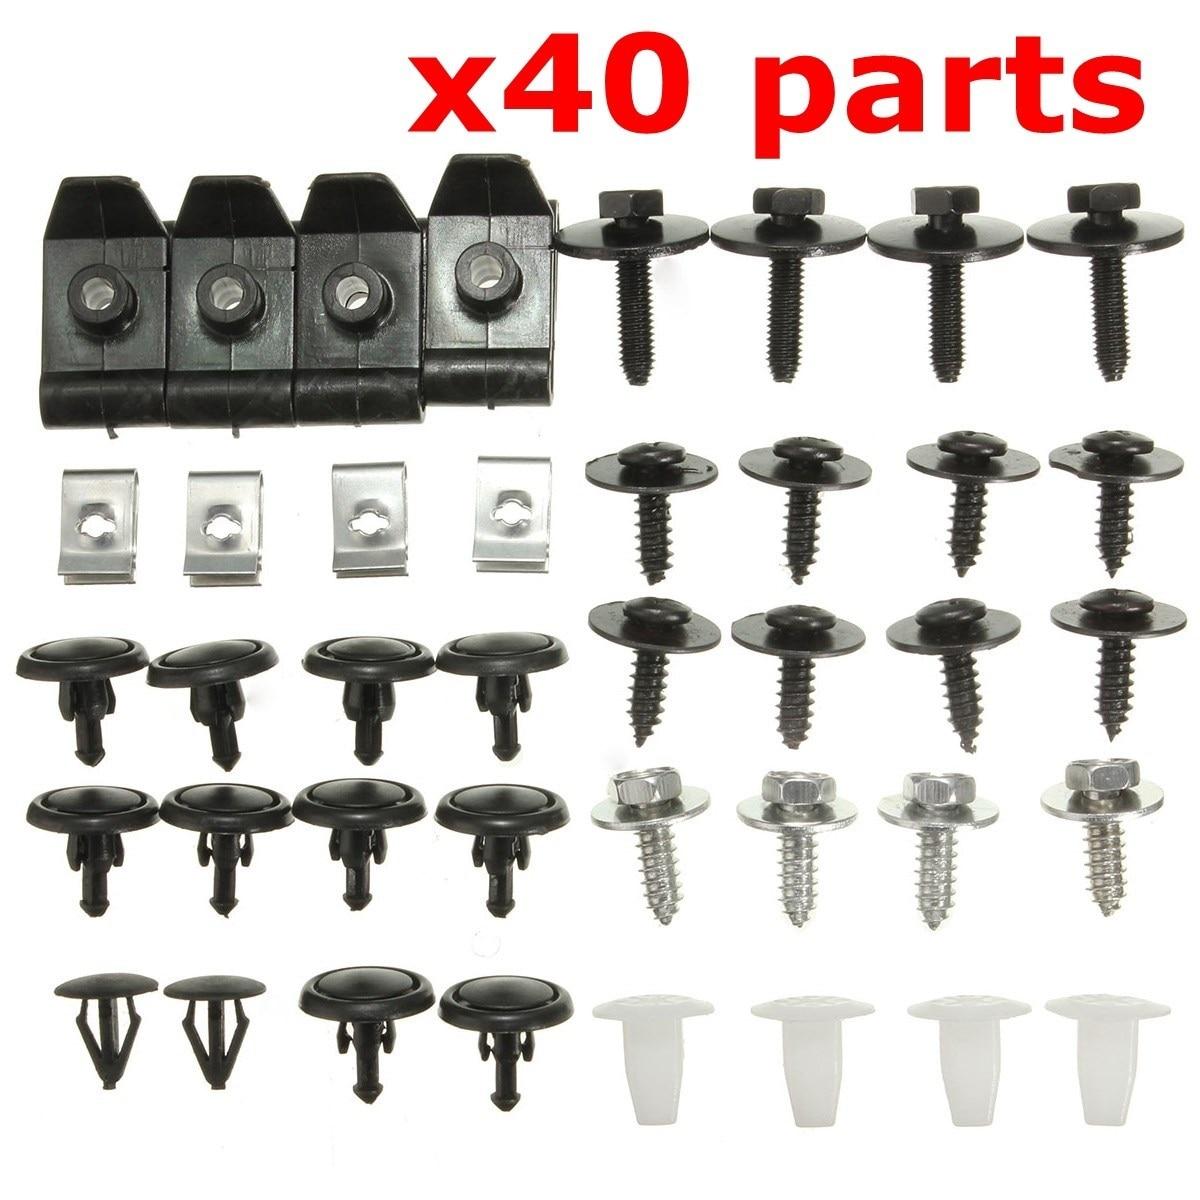 410x Universal Car Fastener Rivet Clip 6-10mm Hole for Mudguard Bumper Door Fend